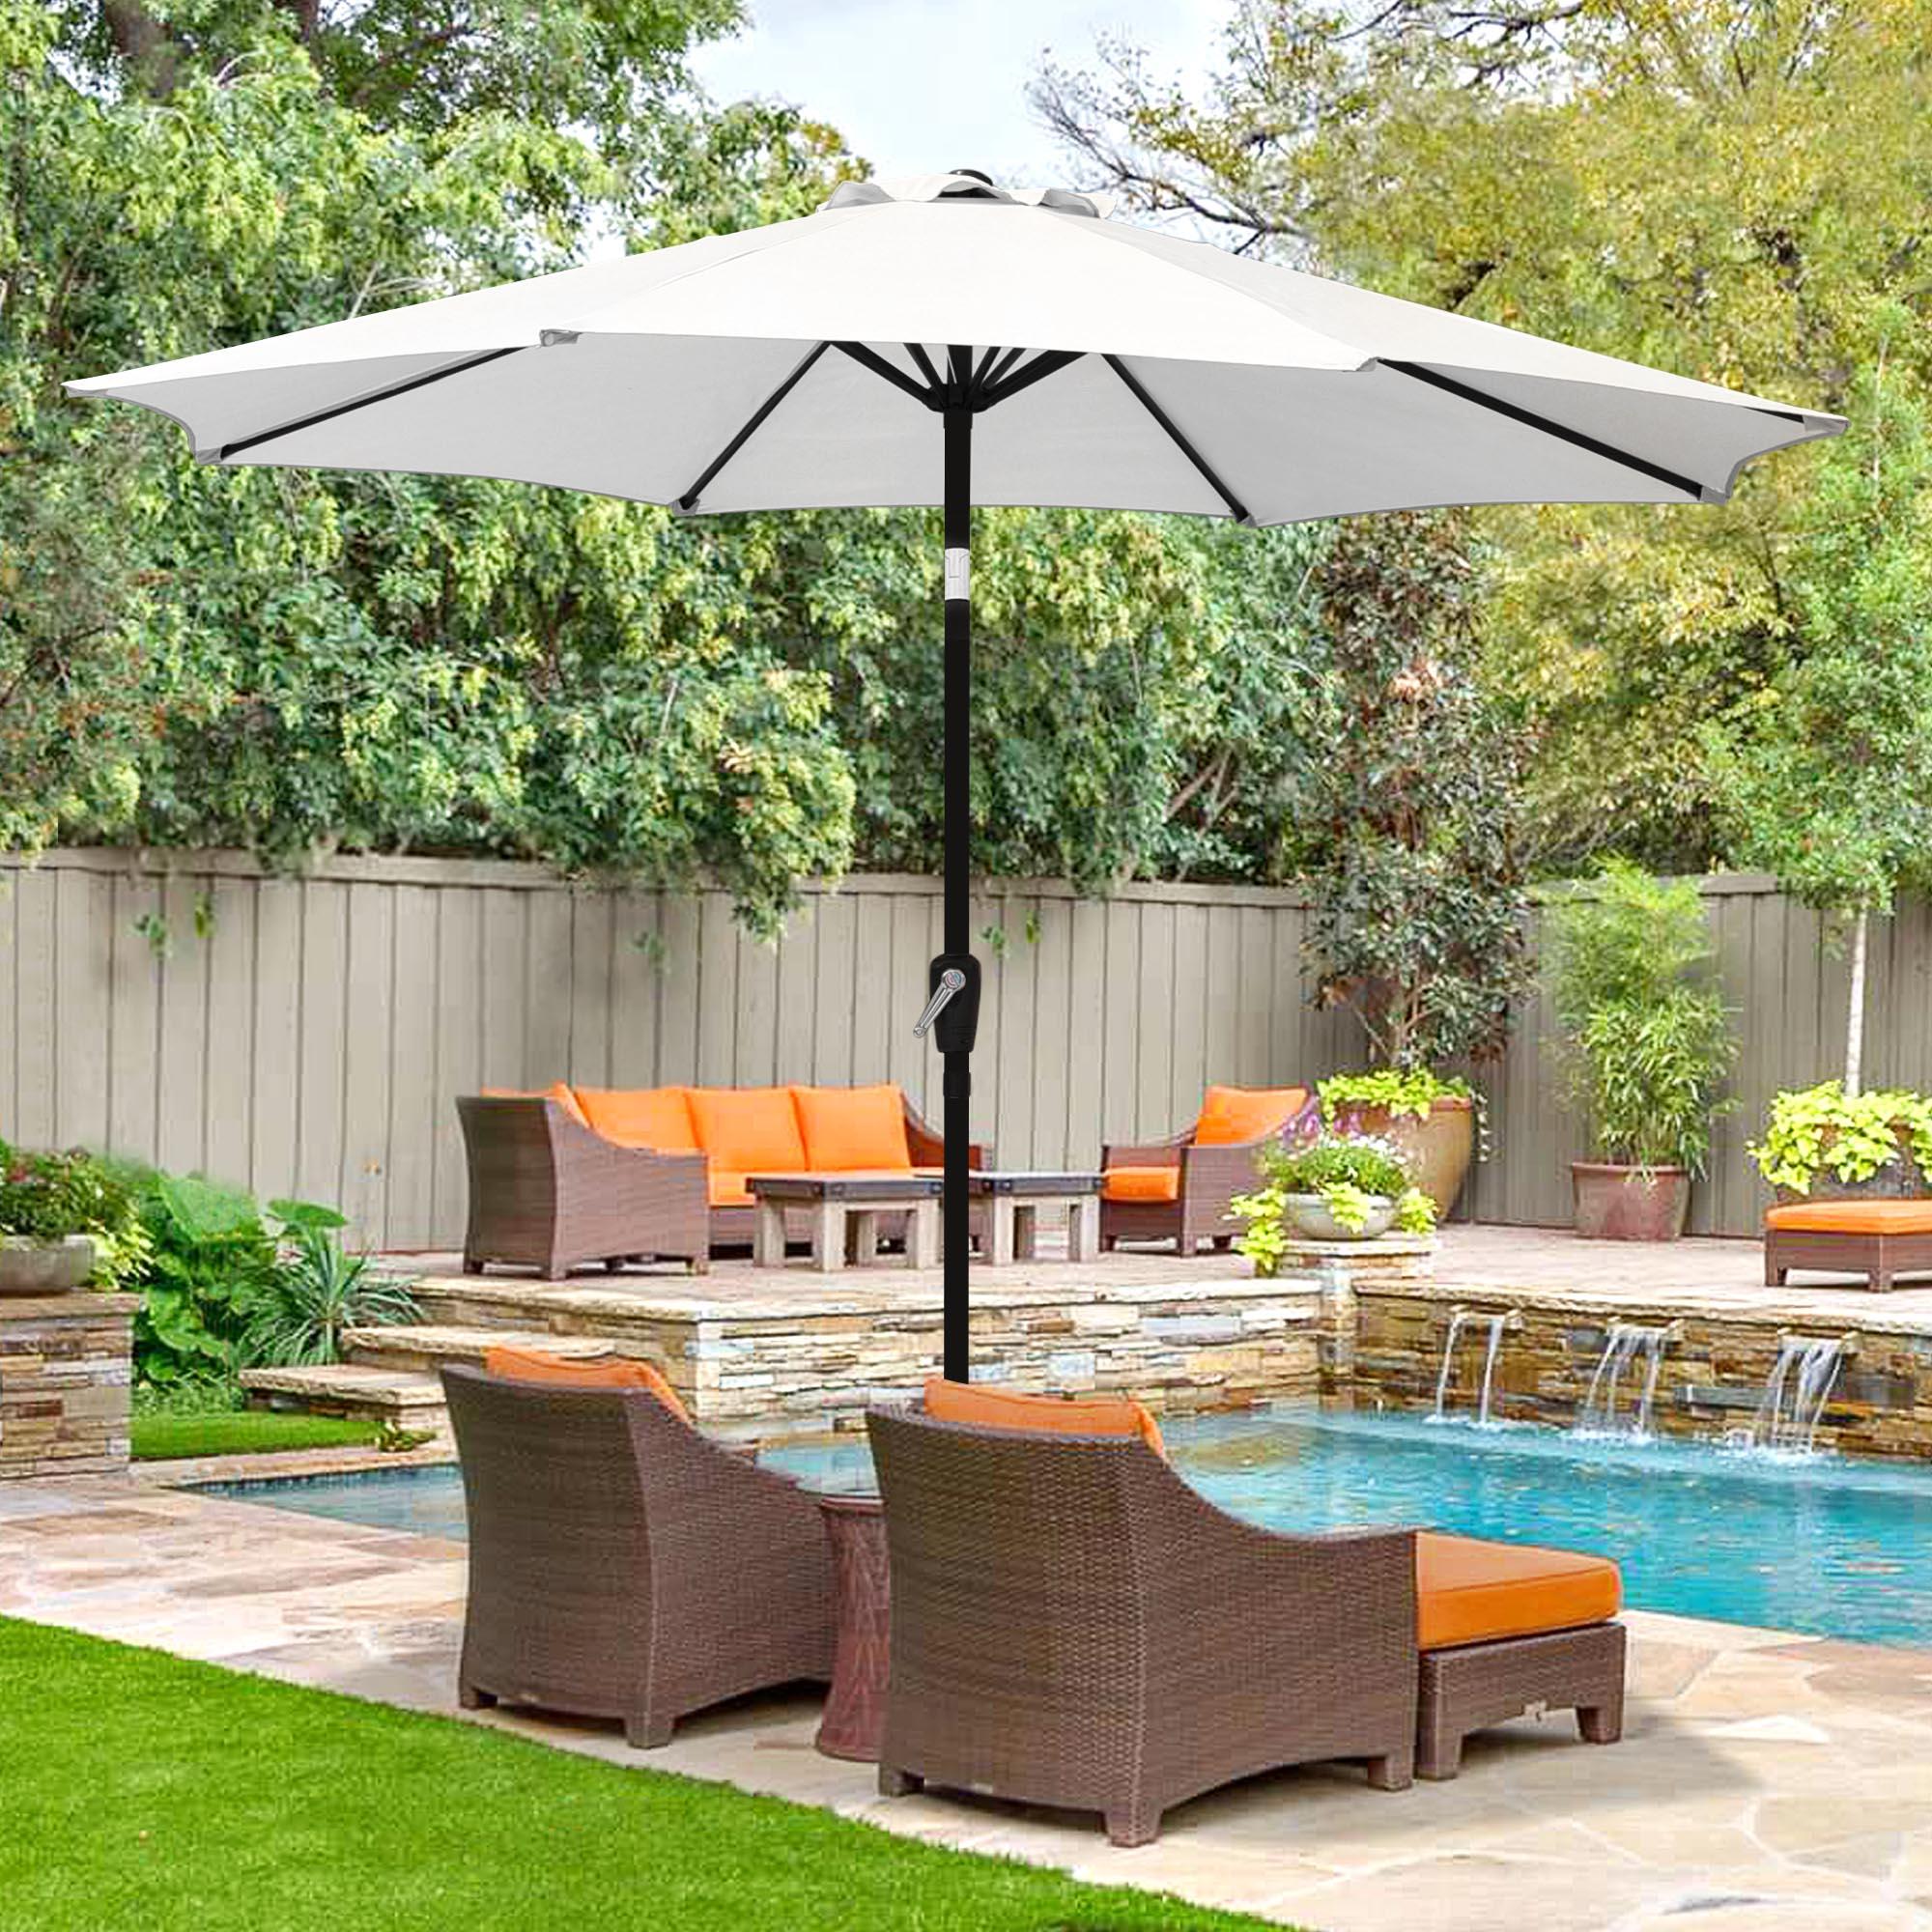 thumbnail 113 - 9' Outdoor Umbrella Patio 8 Ribs Market Garden Crank Tilt Beach Sunshade Parasol